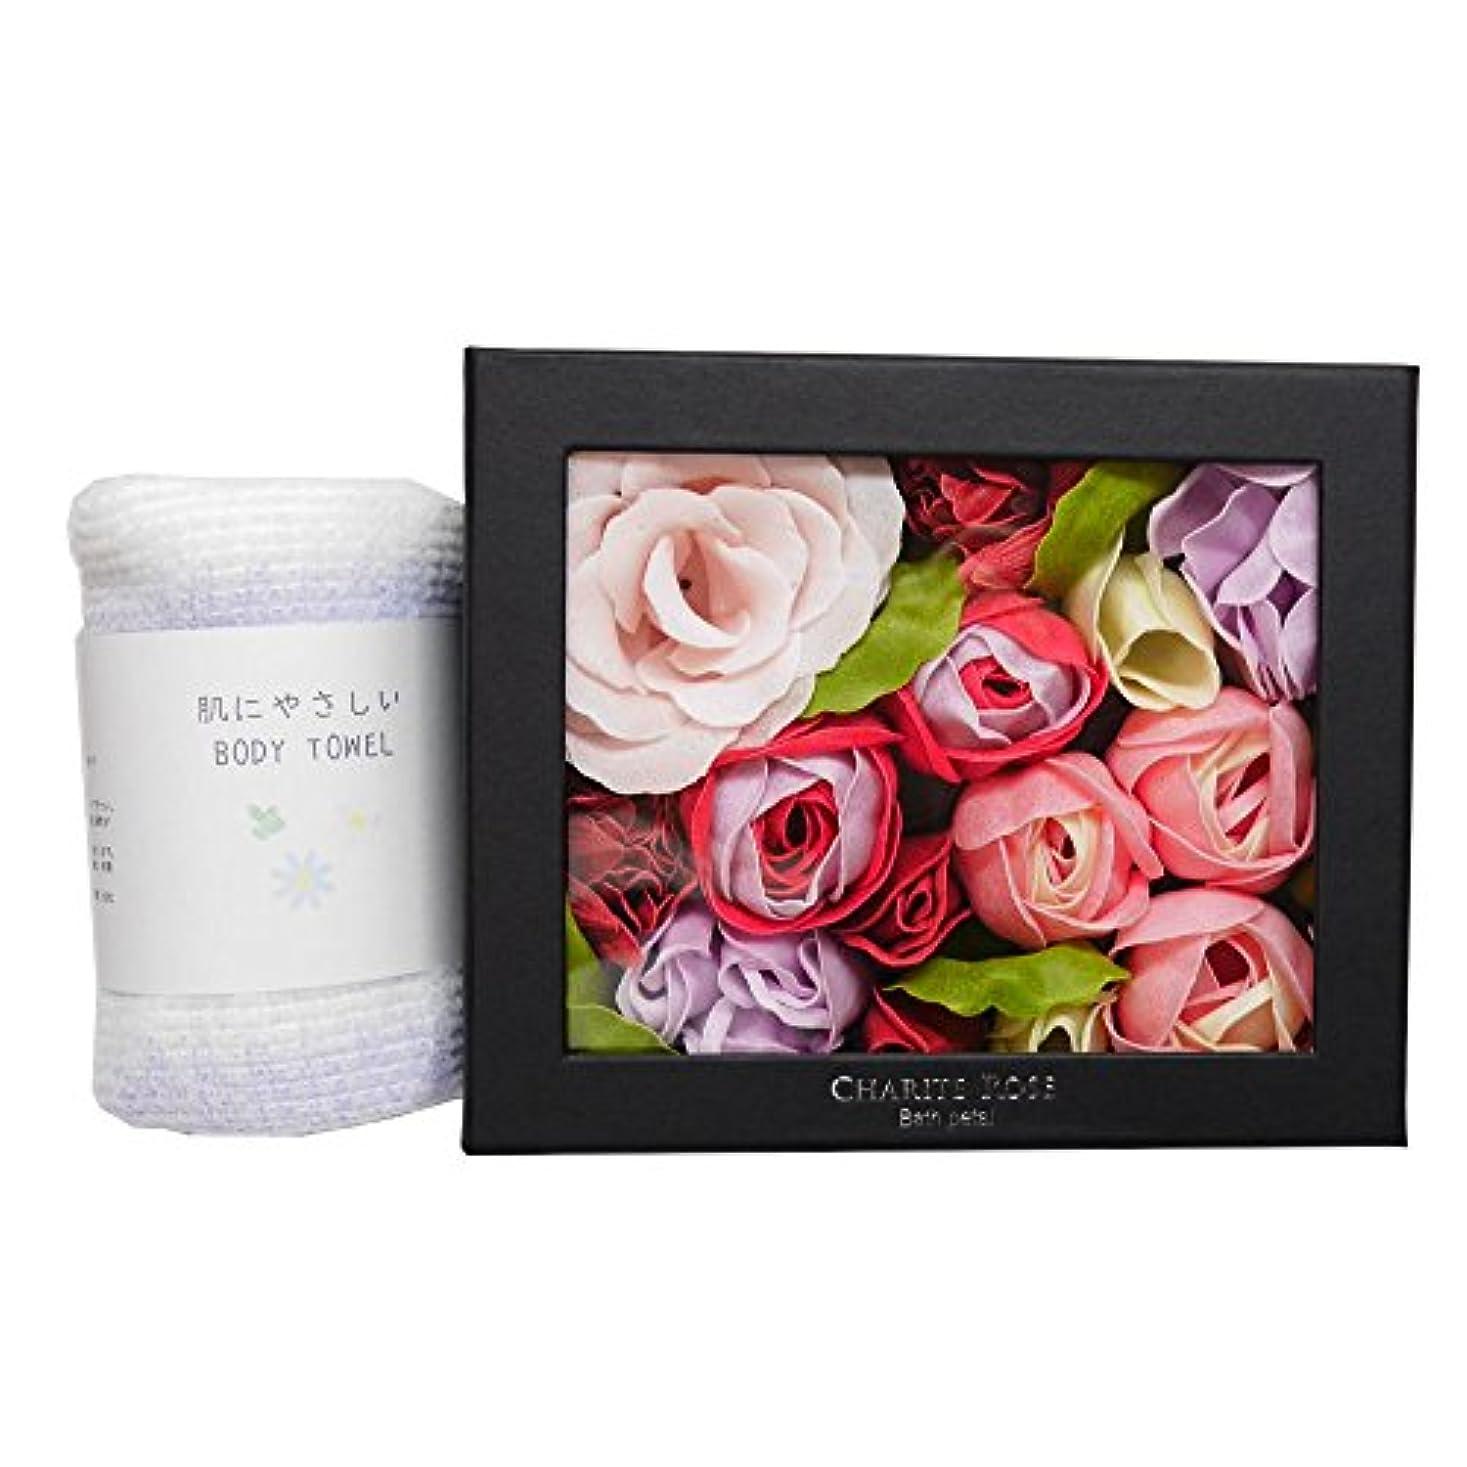 収益マイルドハーフローズ バスペタル グロスローズ ピンク ボディタオル セット /バラ お花 入浴剤 母の日 お祝い 記念日 贈り物 プレゼント